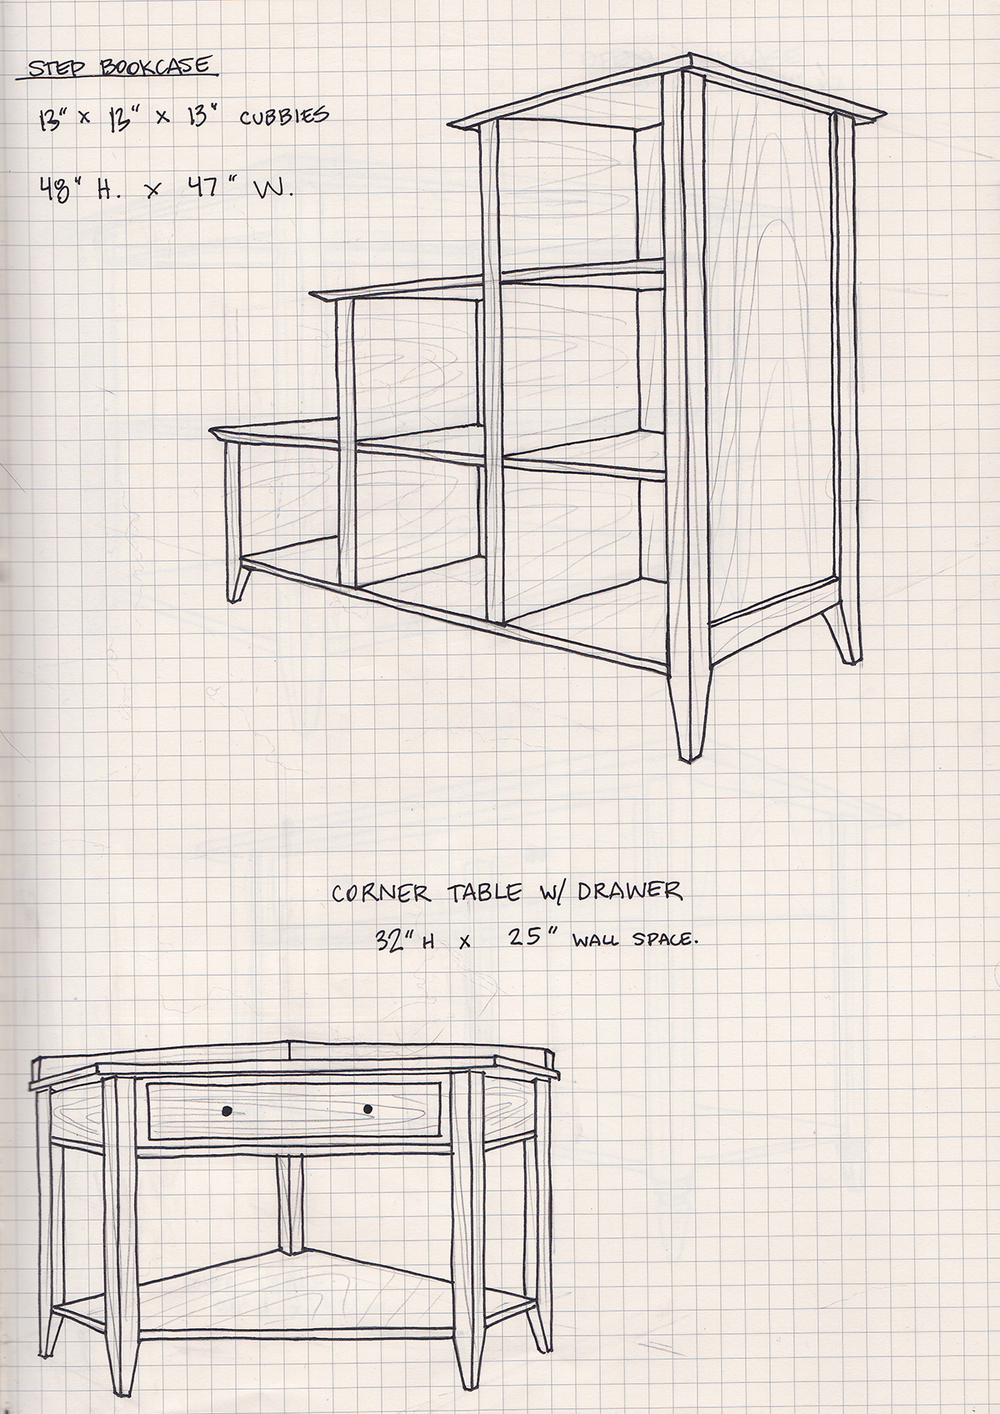 Bookcase & Corner Table